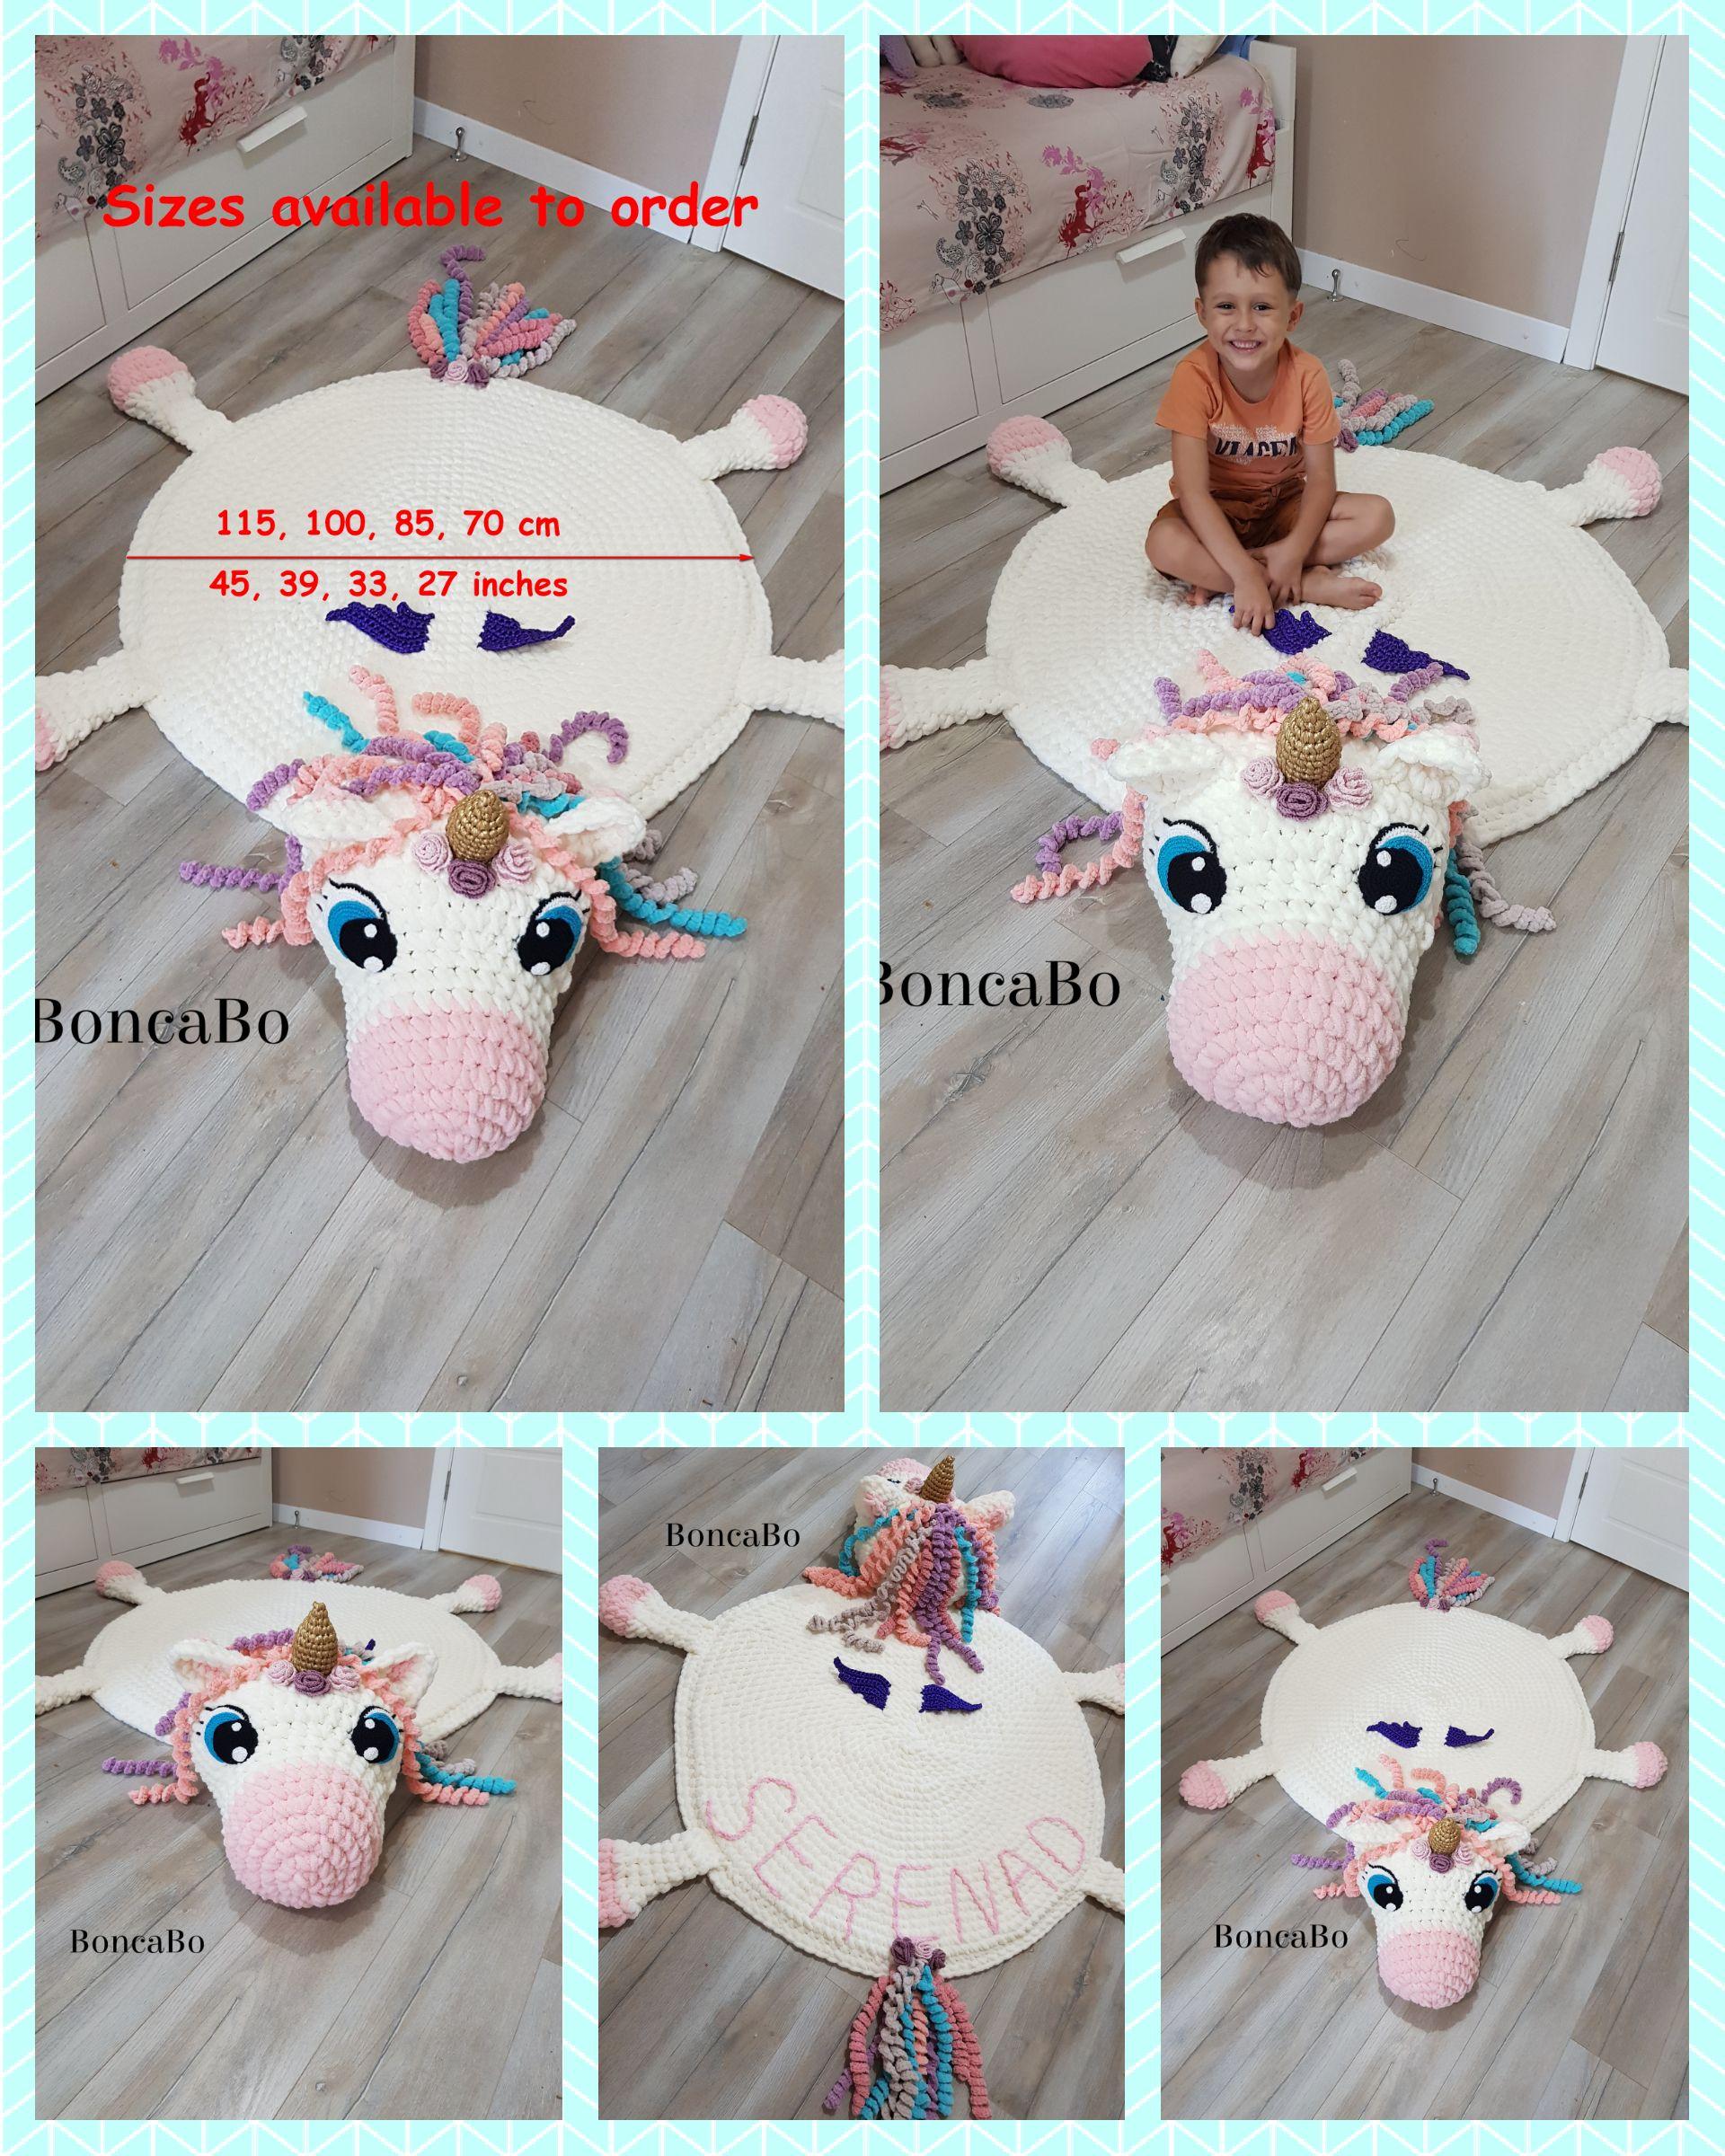 Crochet Bear Toy Mat For Nursery Decor Bear Skin Rug For Etsy In 2020 Bear Skin Rug Toy Mat Bear Toy